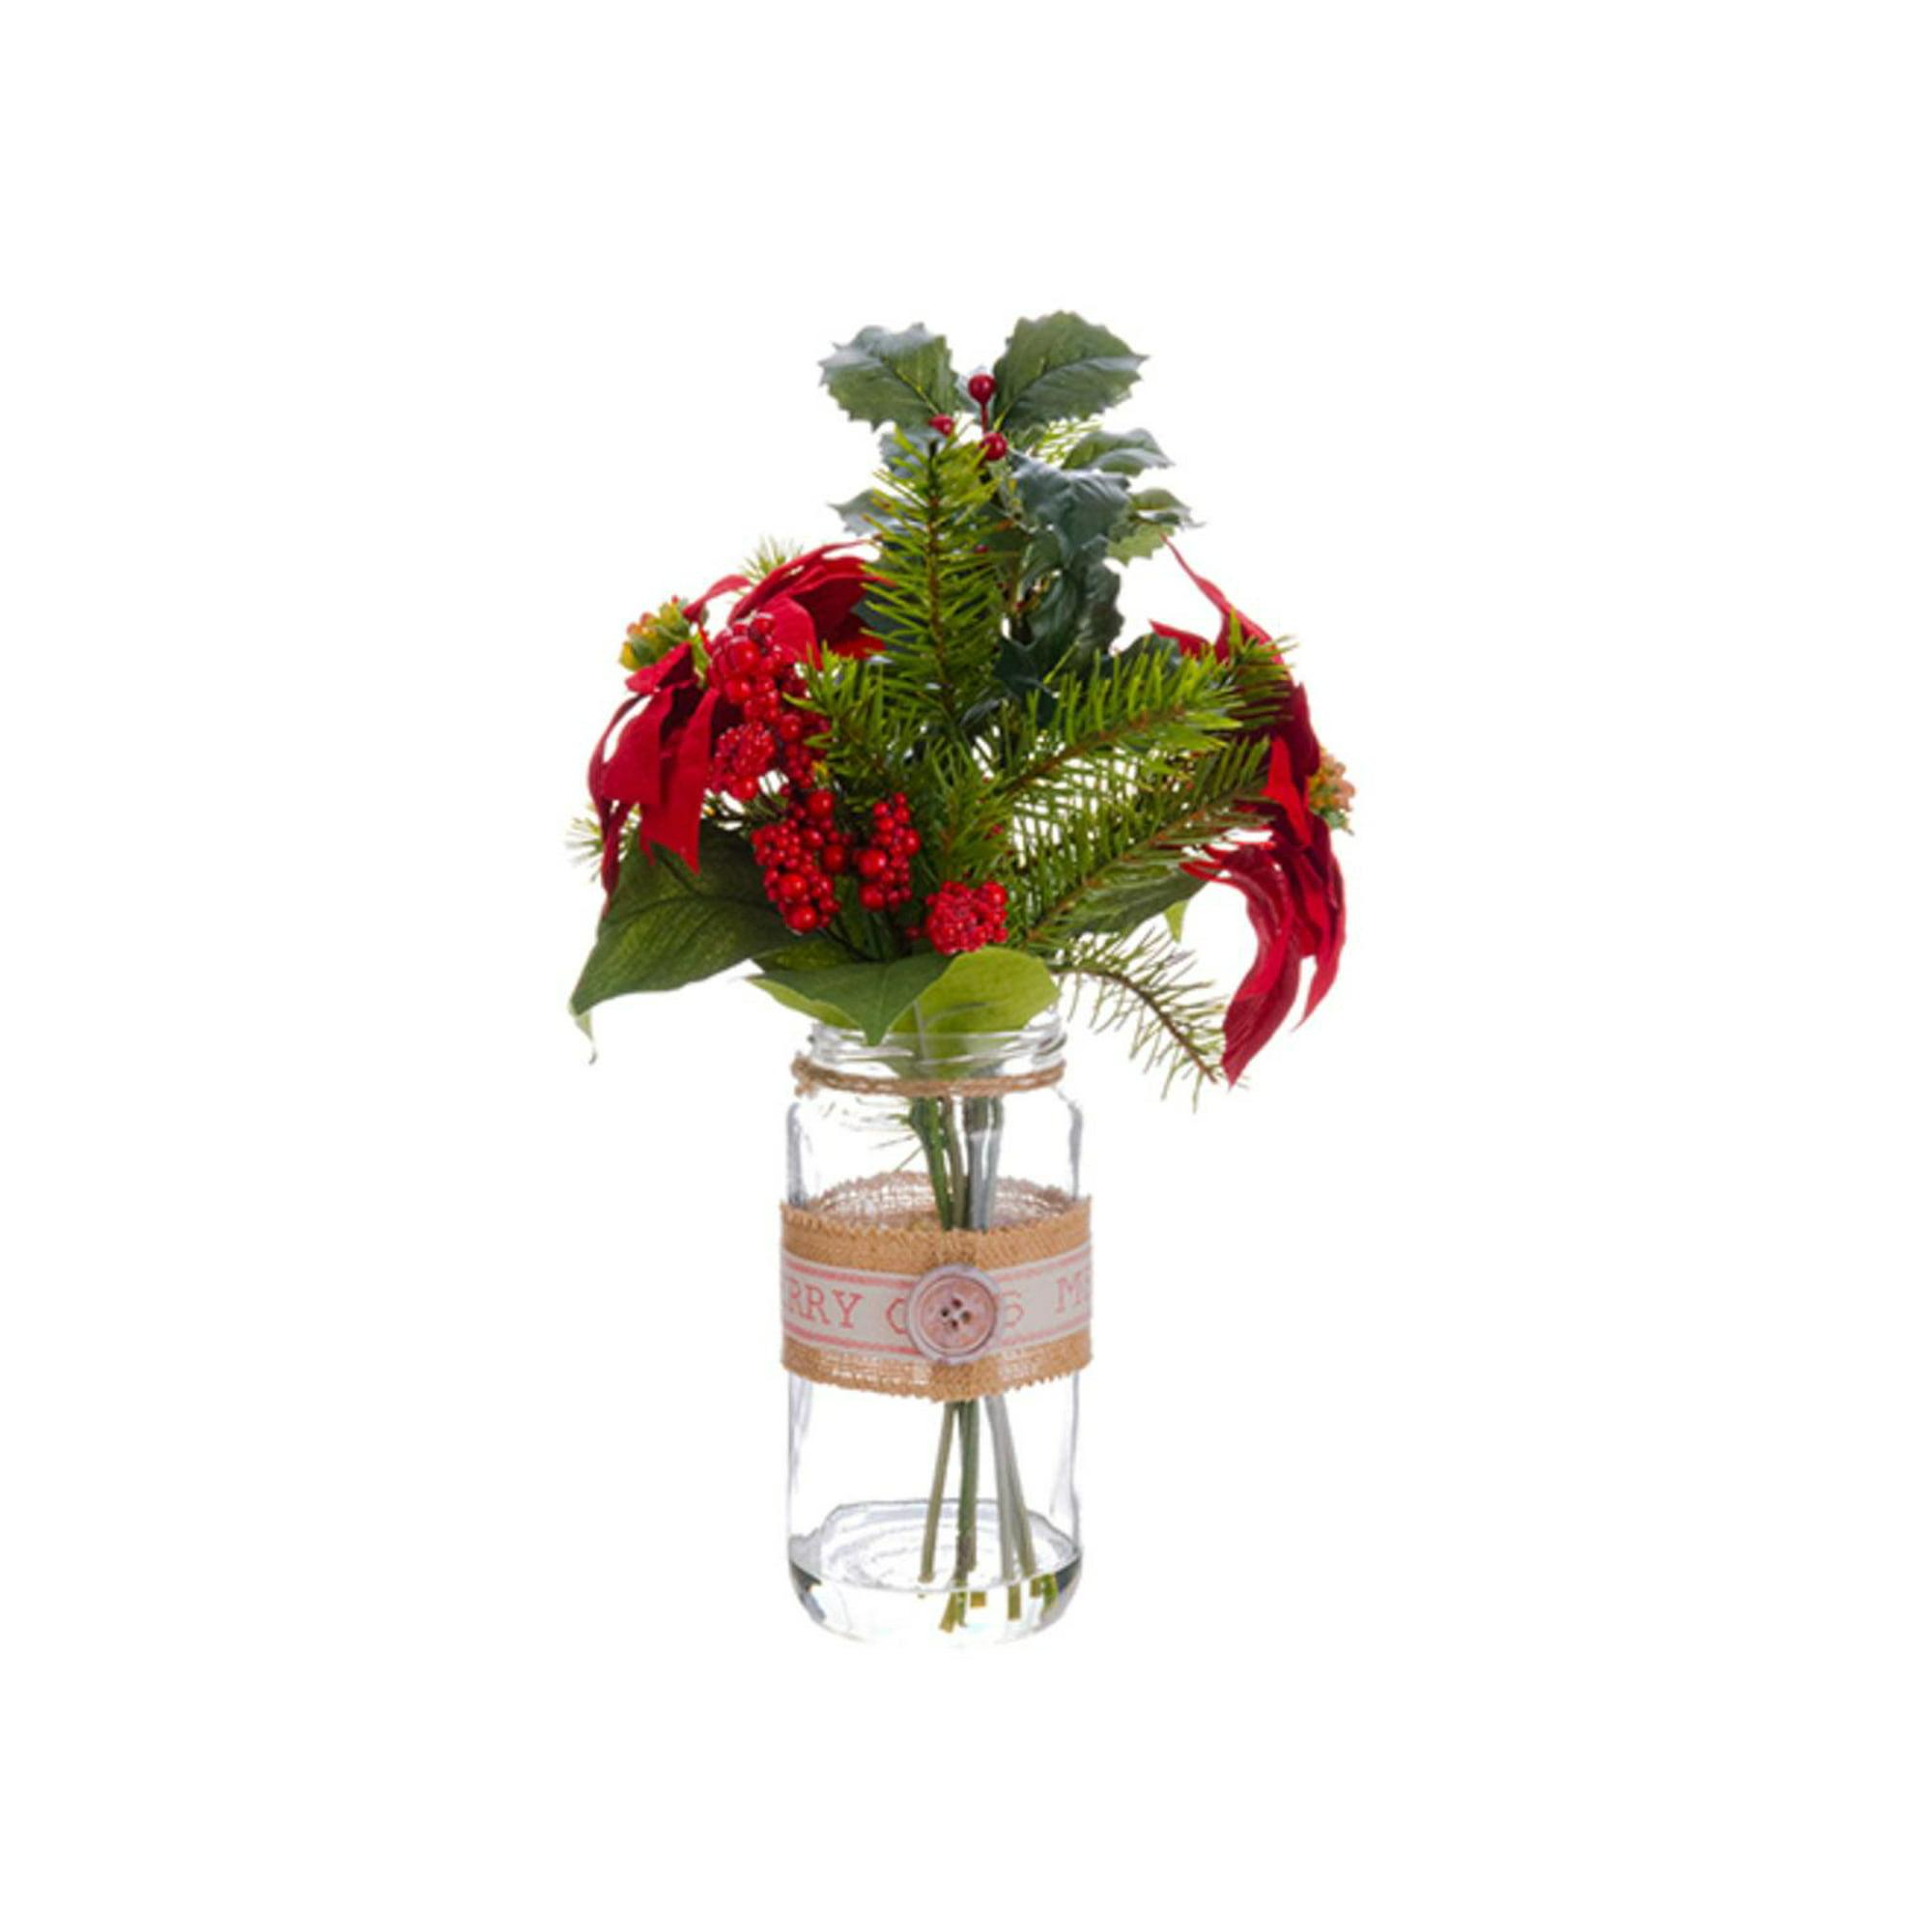 """Bouquet De Noel Avec Du Houx 16.5"""" artificiel poinsettia rouge, houx et pin arrangements de noël avec  vase en verre"""